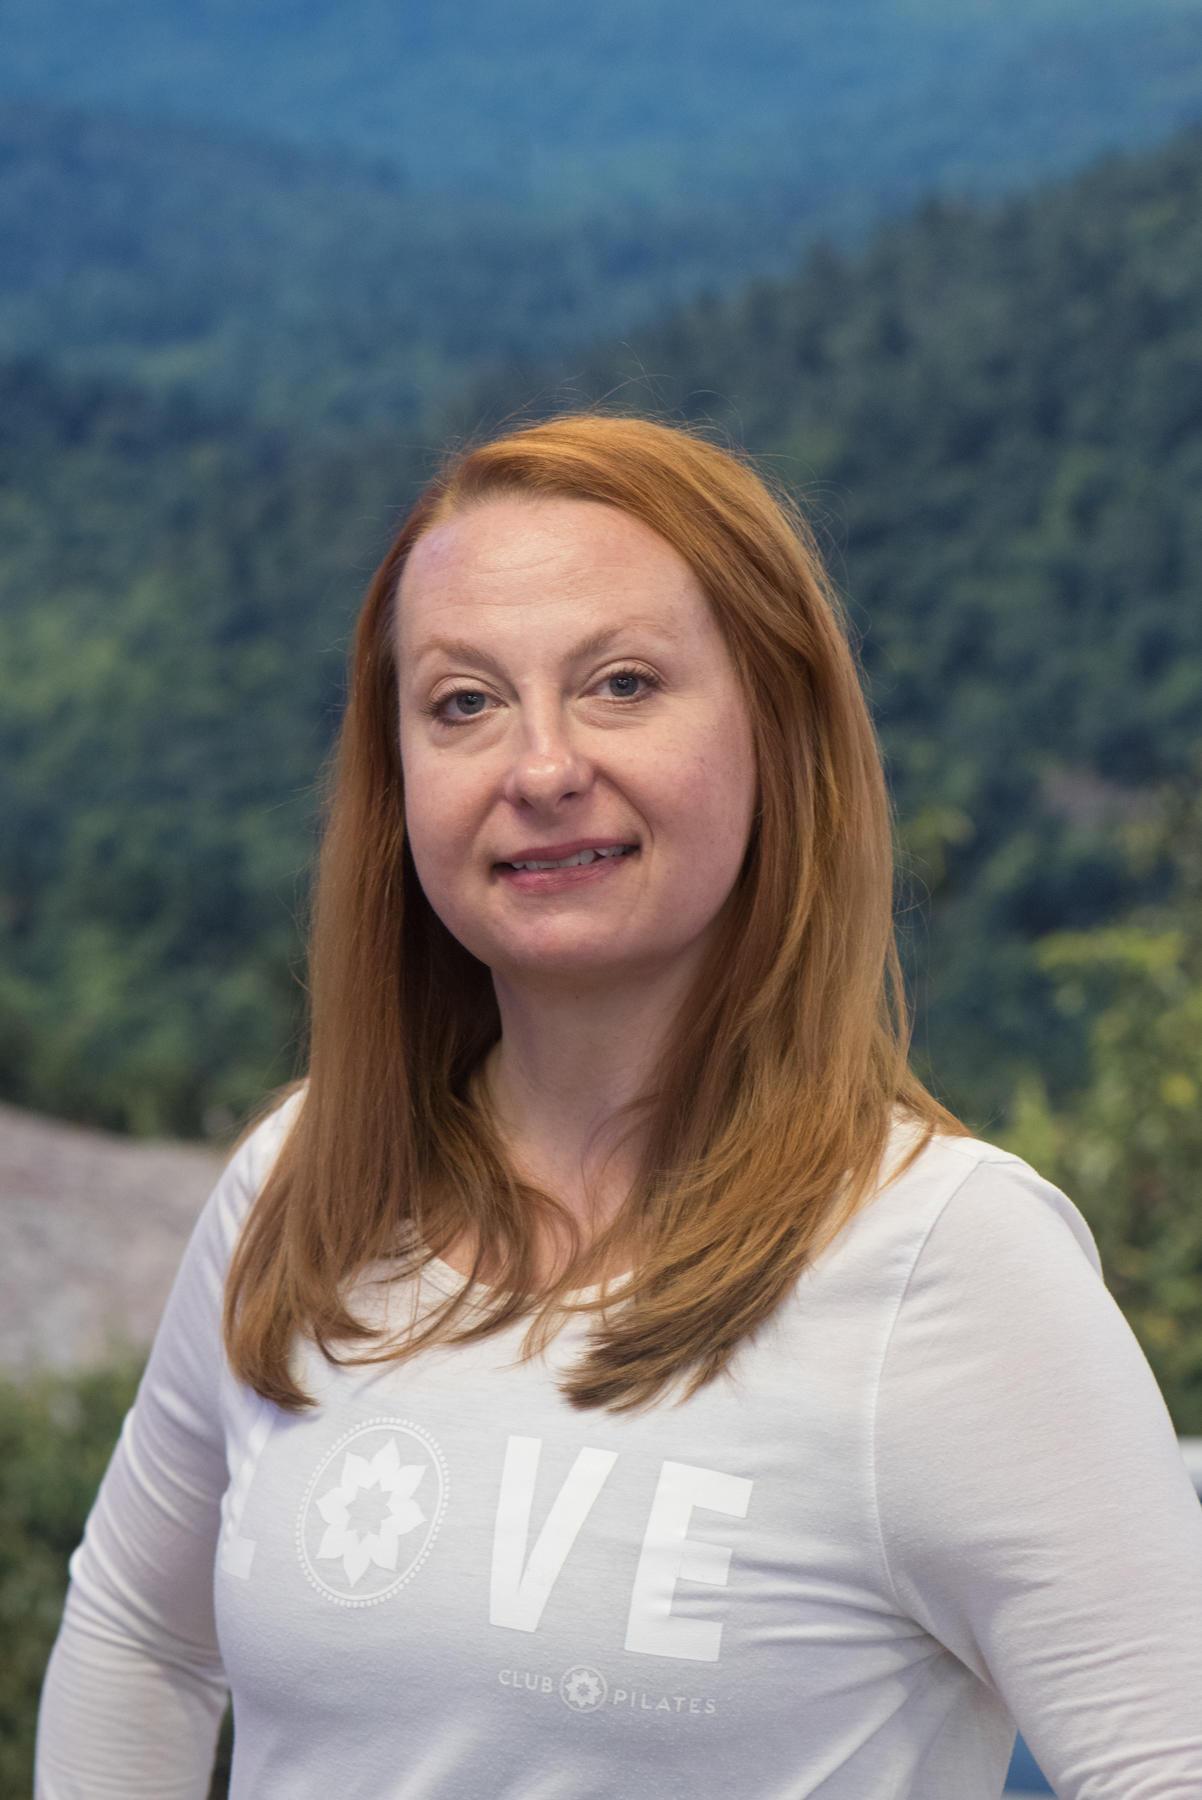 Jessica Kroft